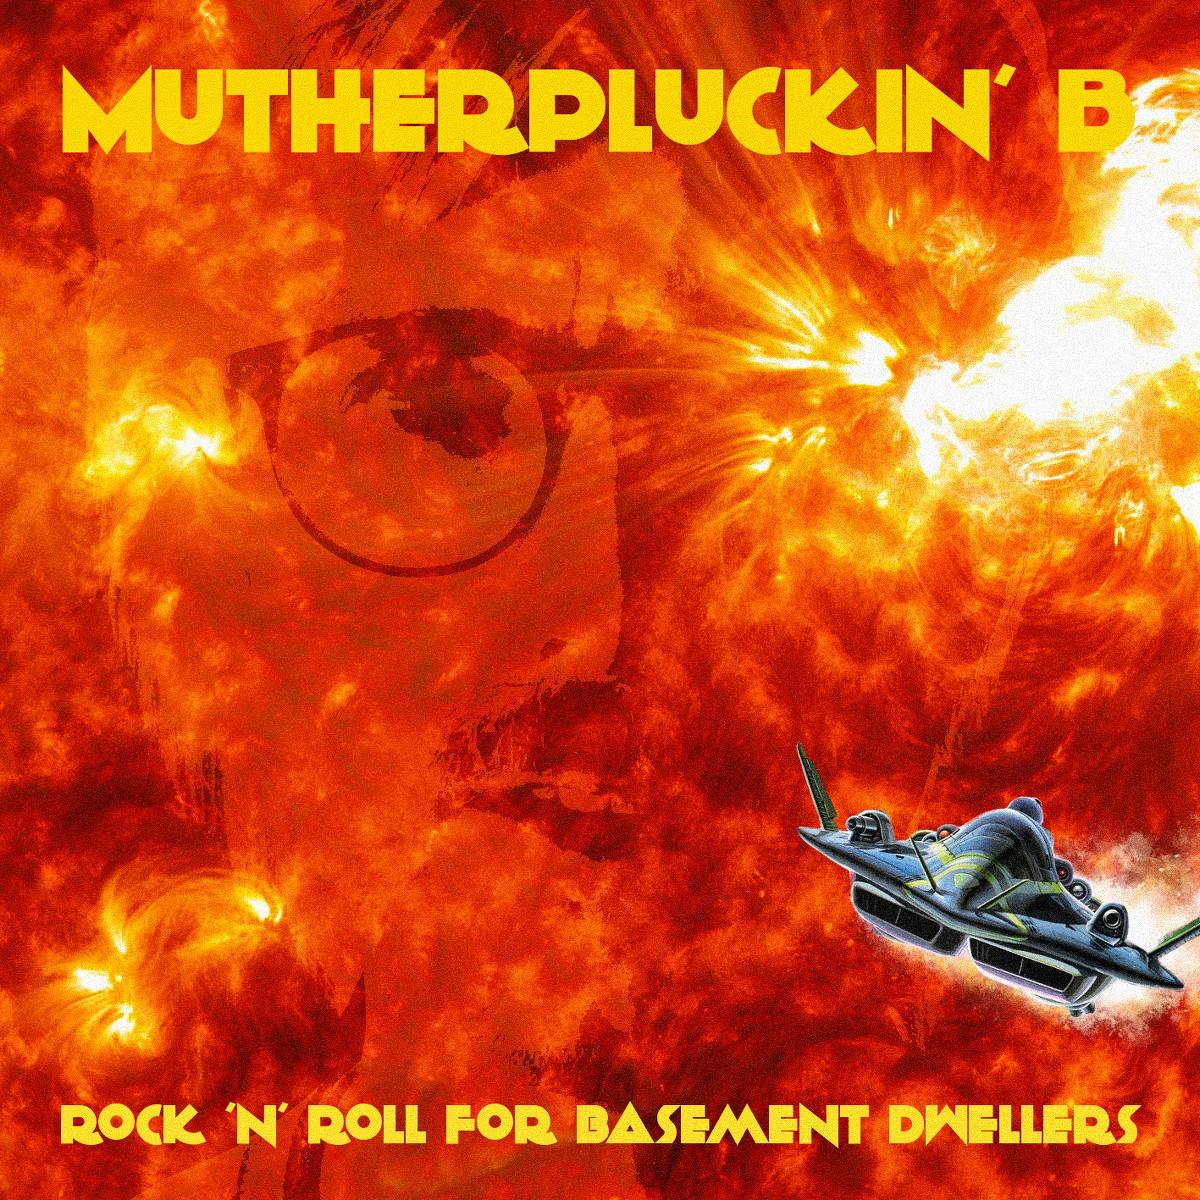 Mutherpluckin' B - Retro video game music remixes | Music